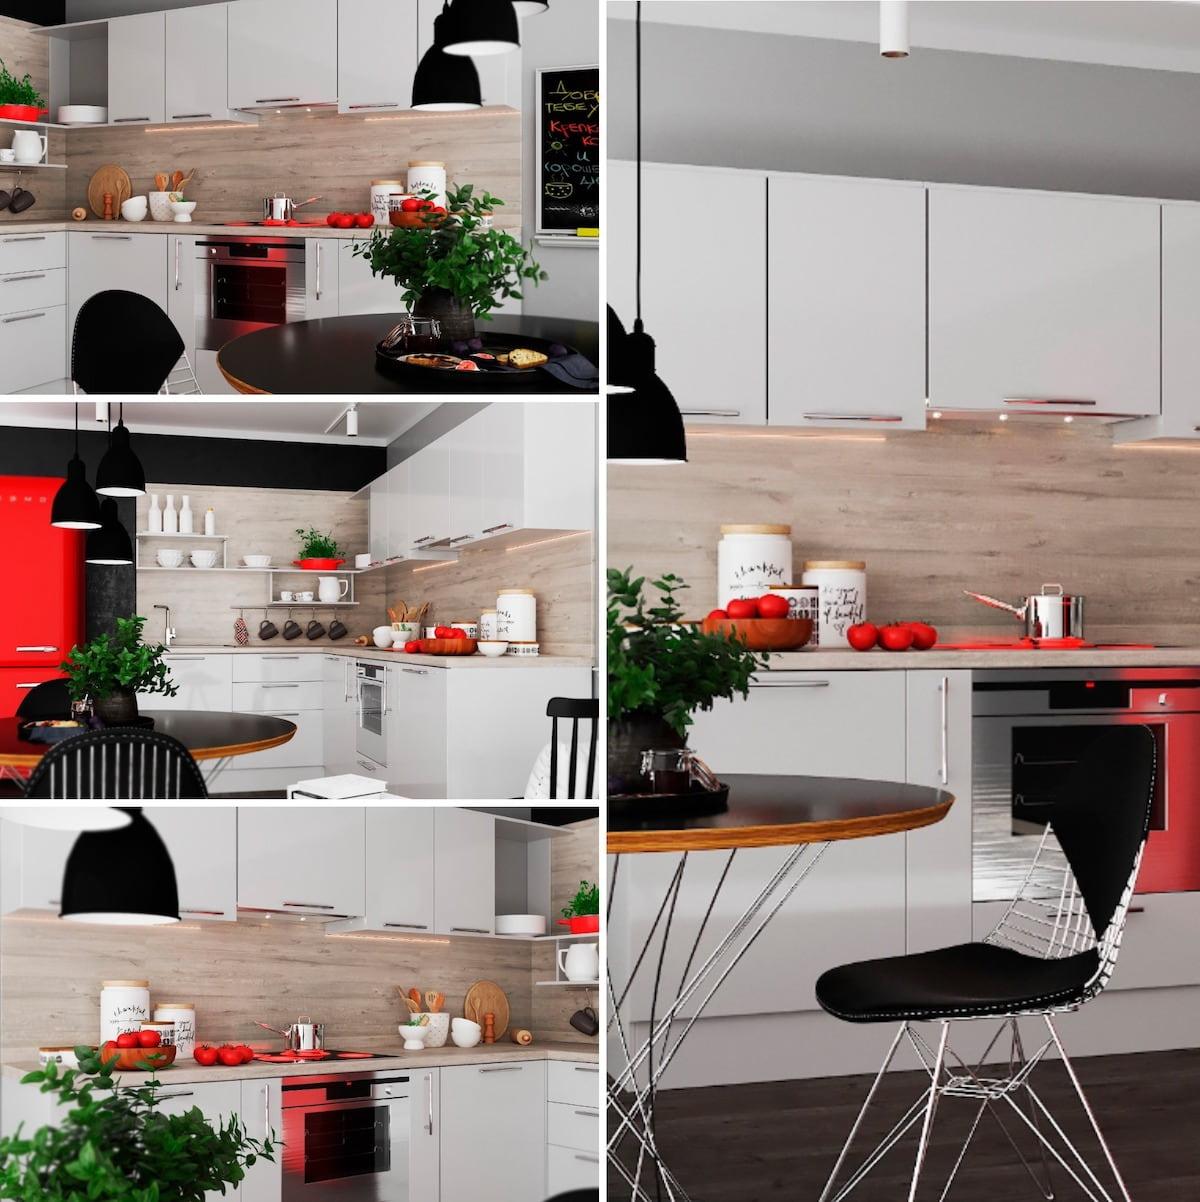 На любой кухне важно правильно скомбинировать цветовую палитру, чтобы не было слишком темно или ярко